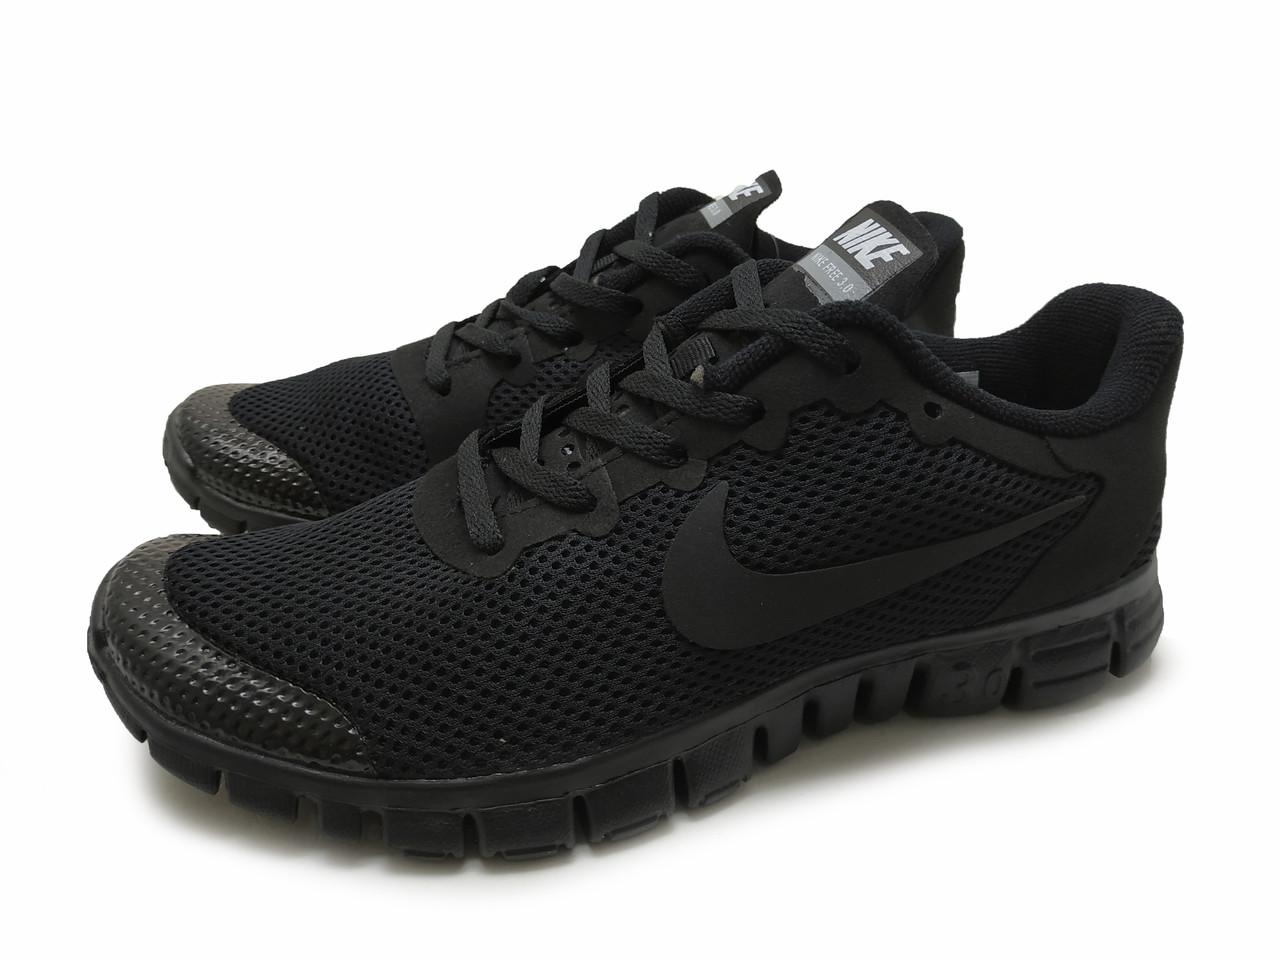 43c233b6152 Летние мужские кроссовки Nike free run 3.0